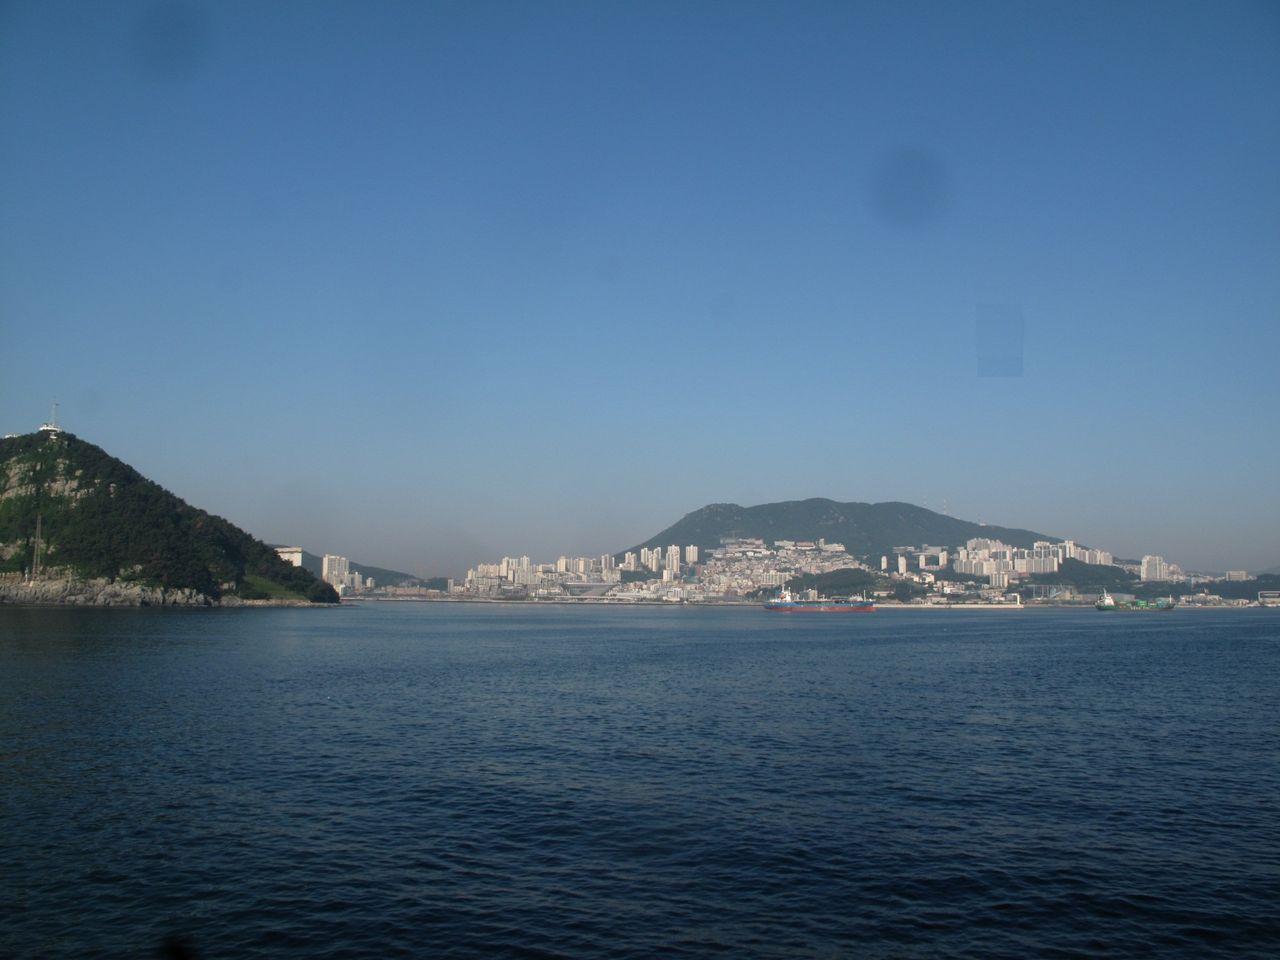 釜山港沖から釜山市外を見る